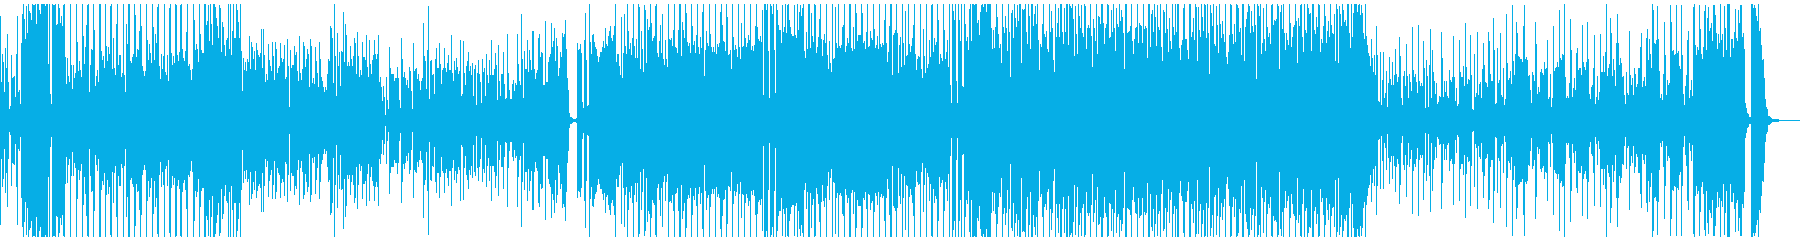 明るくてジャジーなカーテンコール曲の再生済みの波形